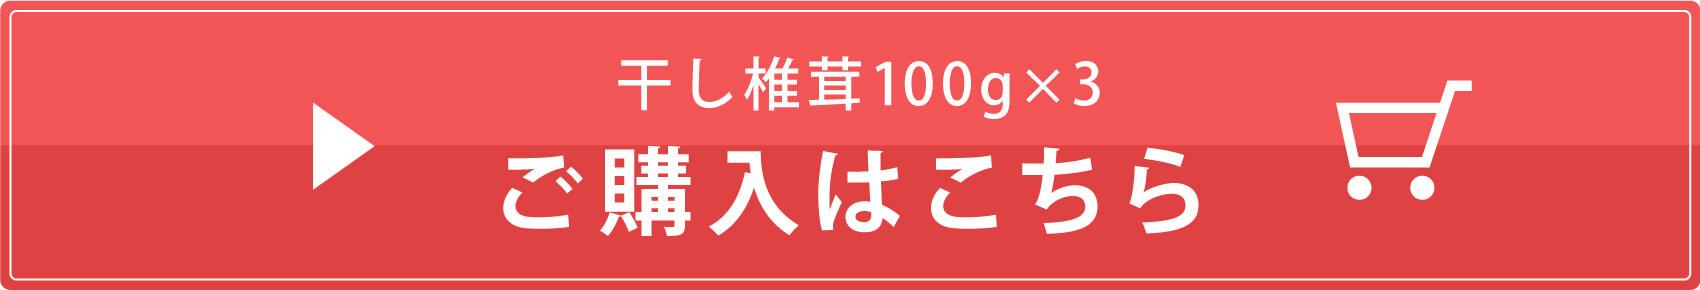 干し椎茸300g (100g/袋 x3)【送料無料】ご購入はこちら